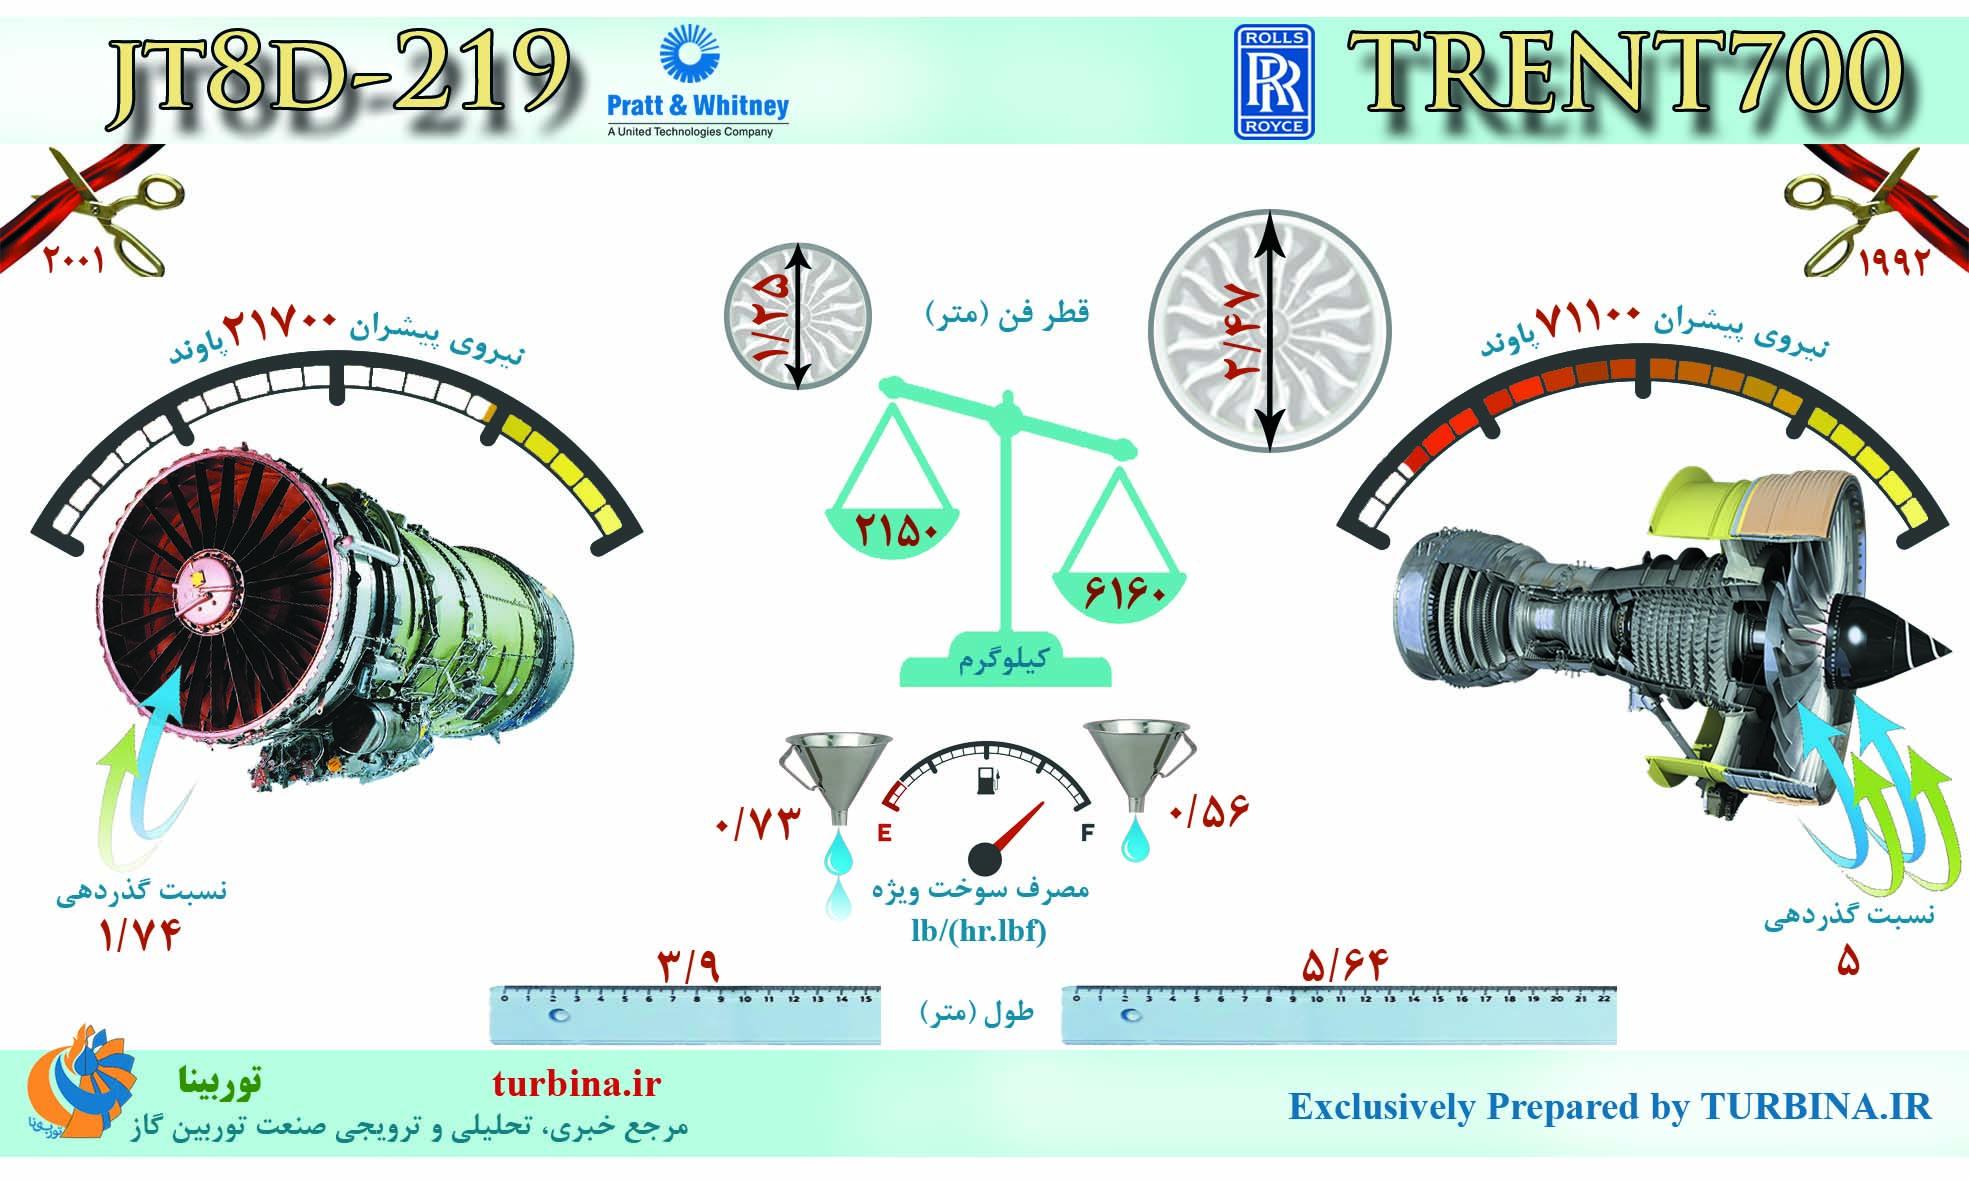 مقایسه موتورهای JT8D-219 و TRENT700